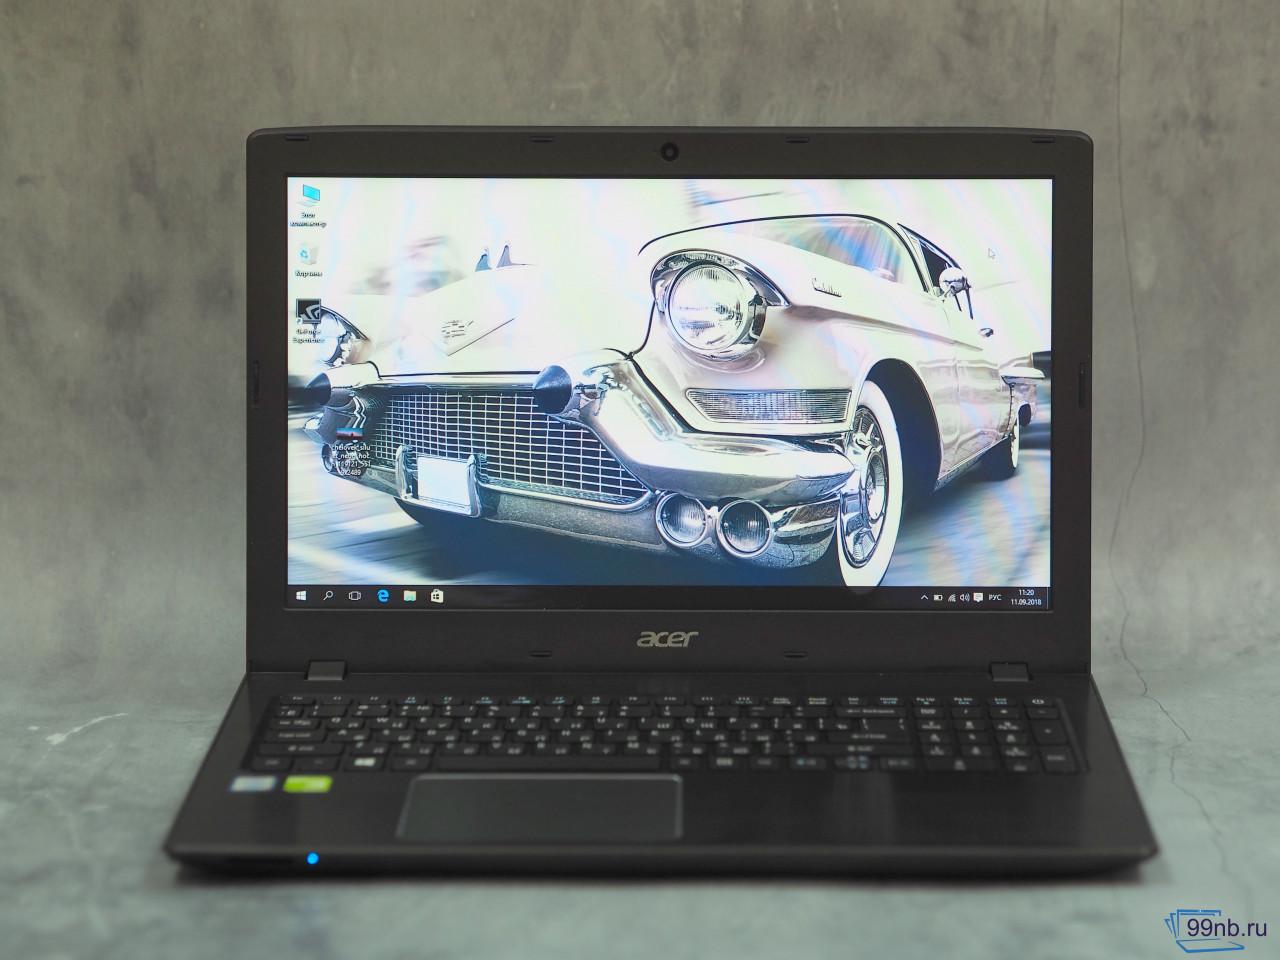 Игровой Acer для pubg на i5/Geforce/8gb